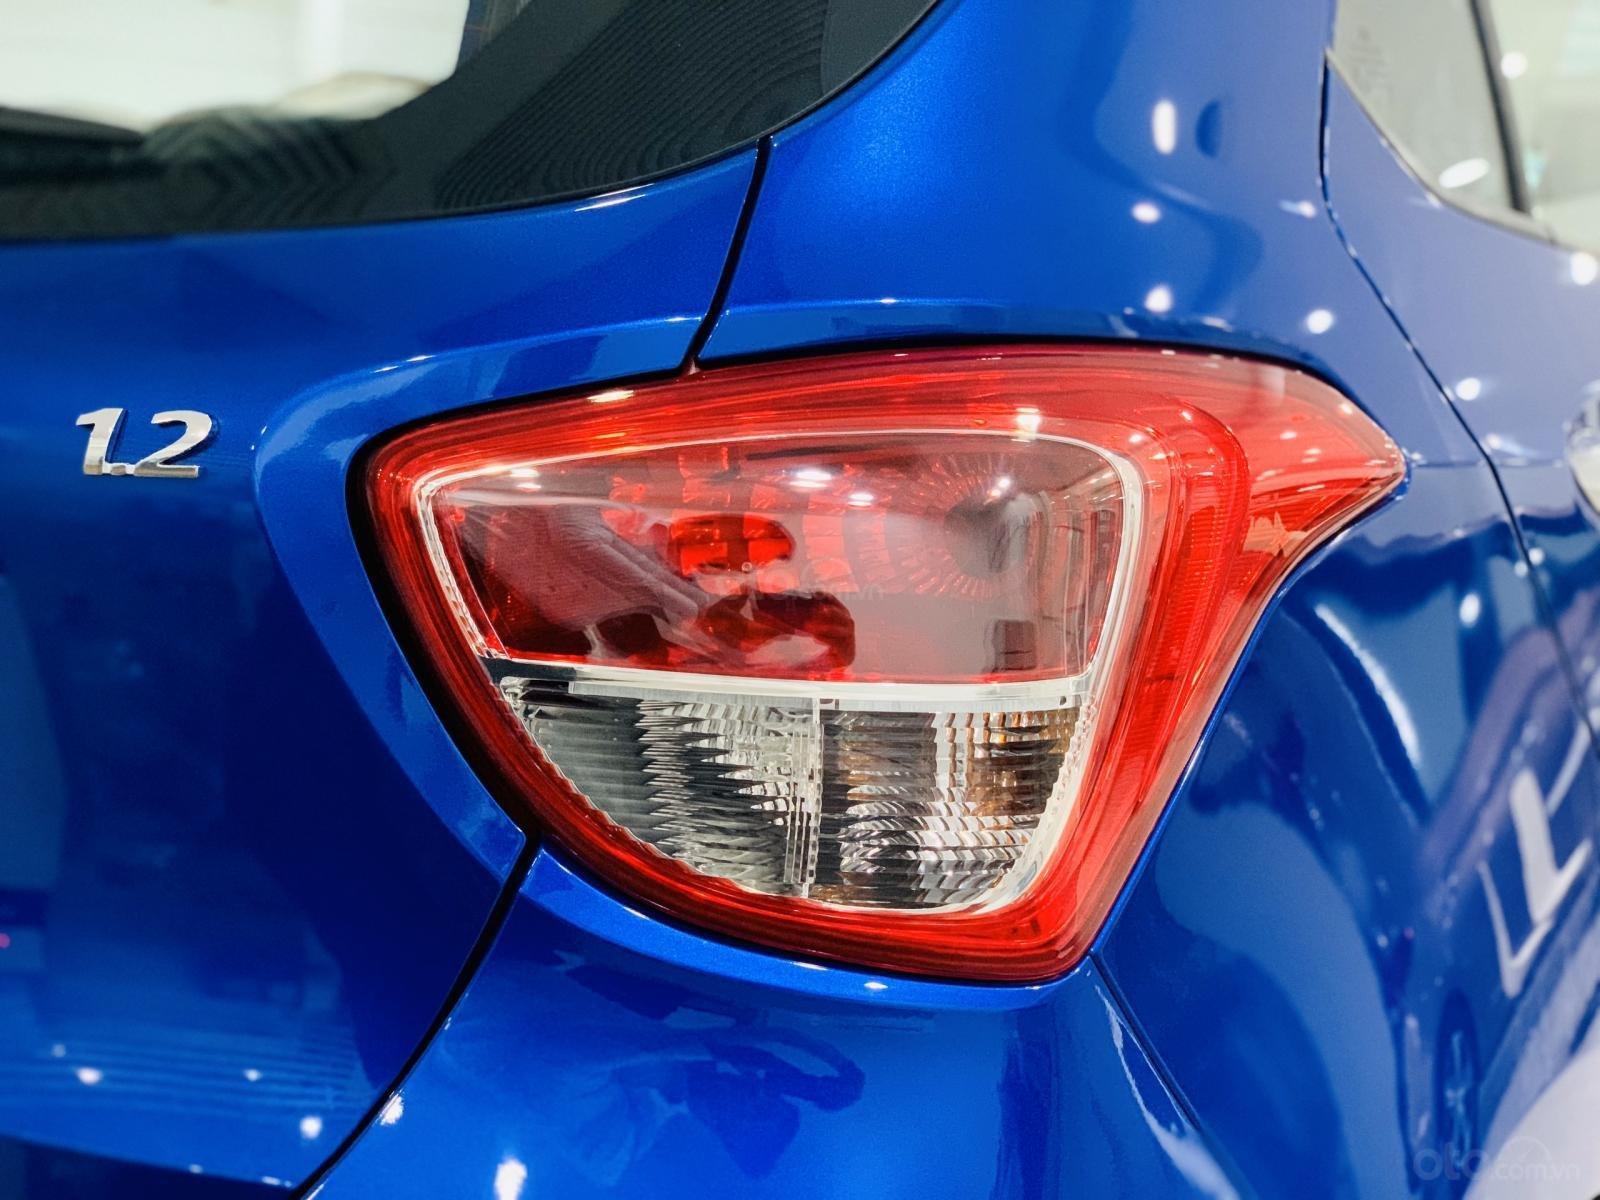 Xe Grand i10 xả kho cuối năm, giá sốc chưa từng có - Liên hệ ngay 0939.63.95.93 (6)